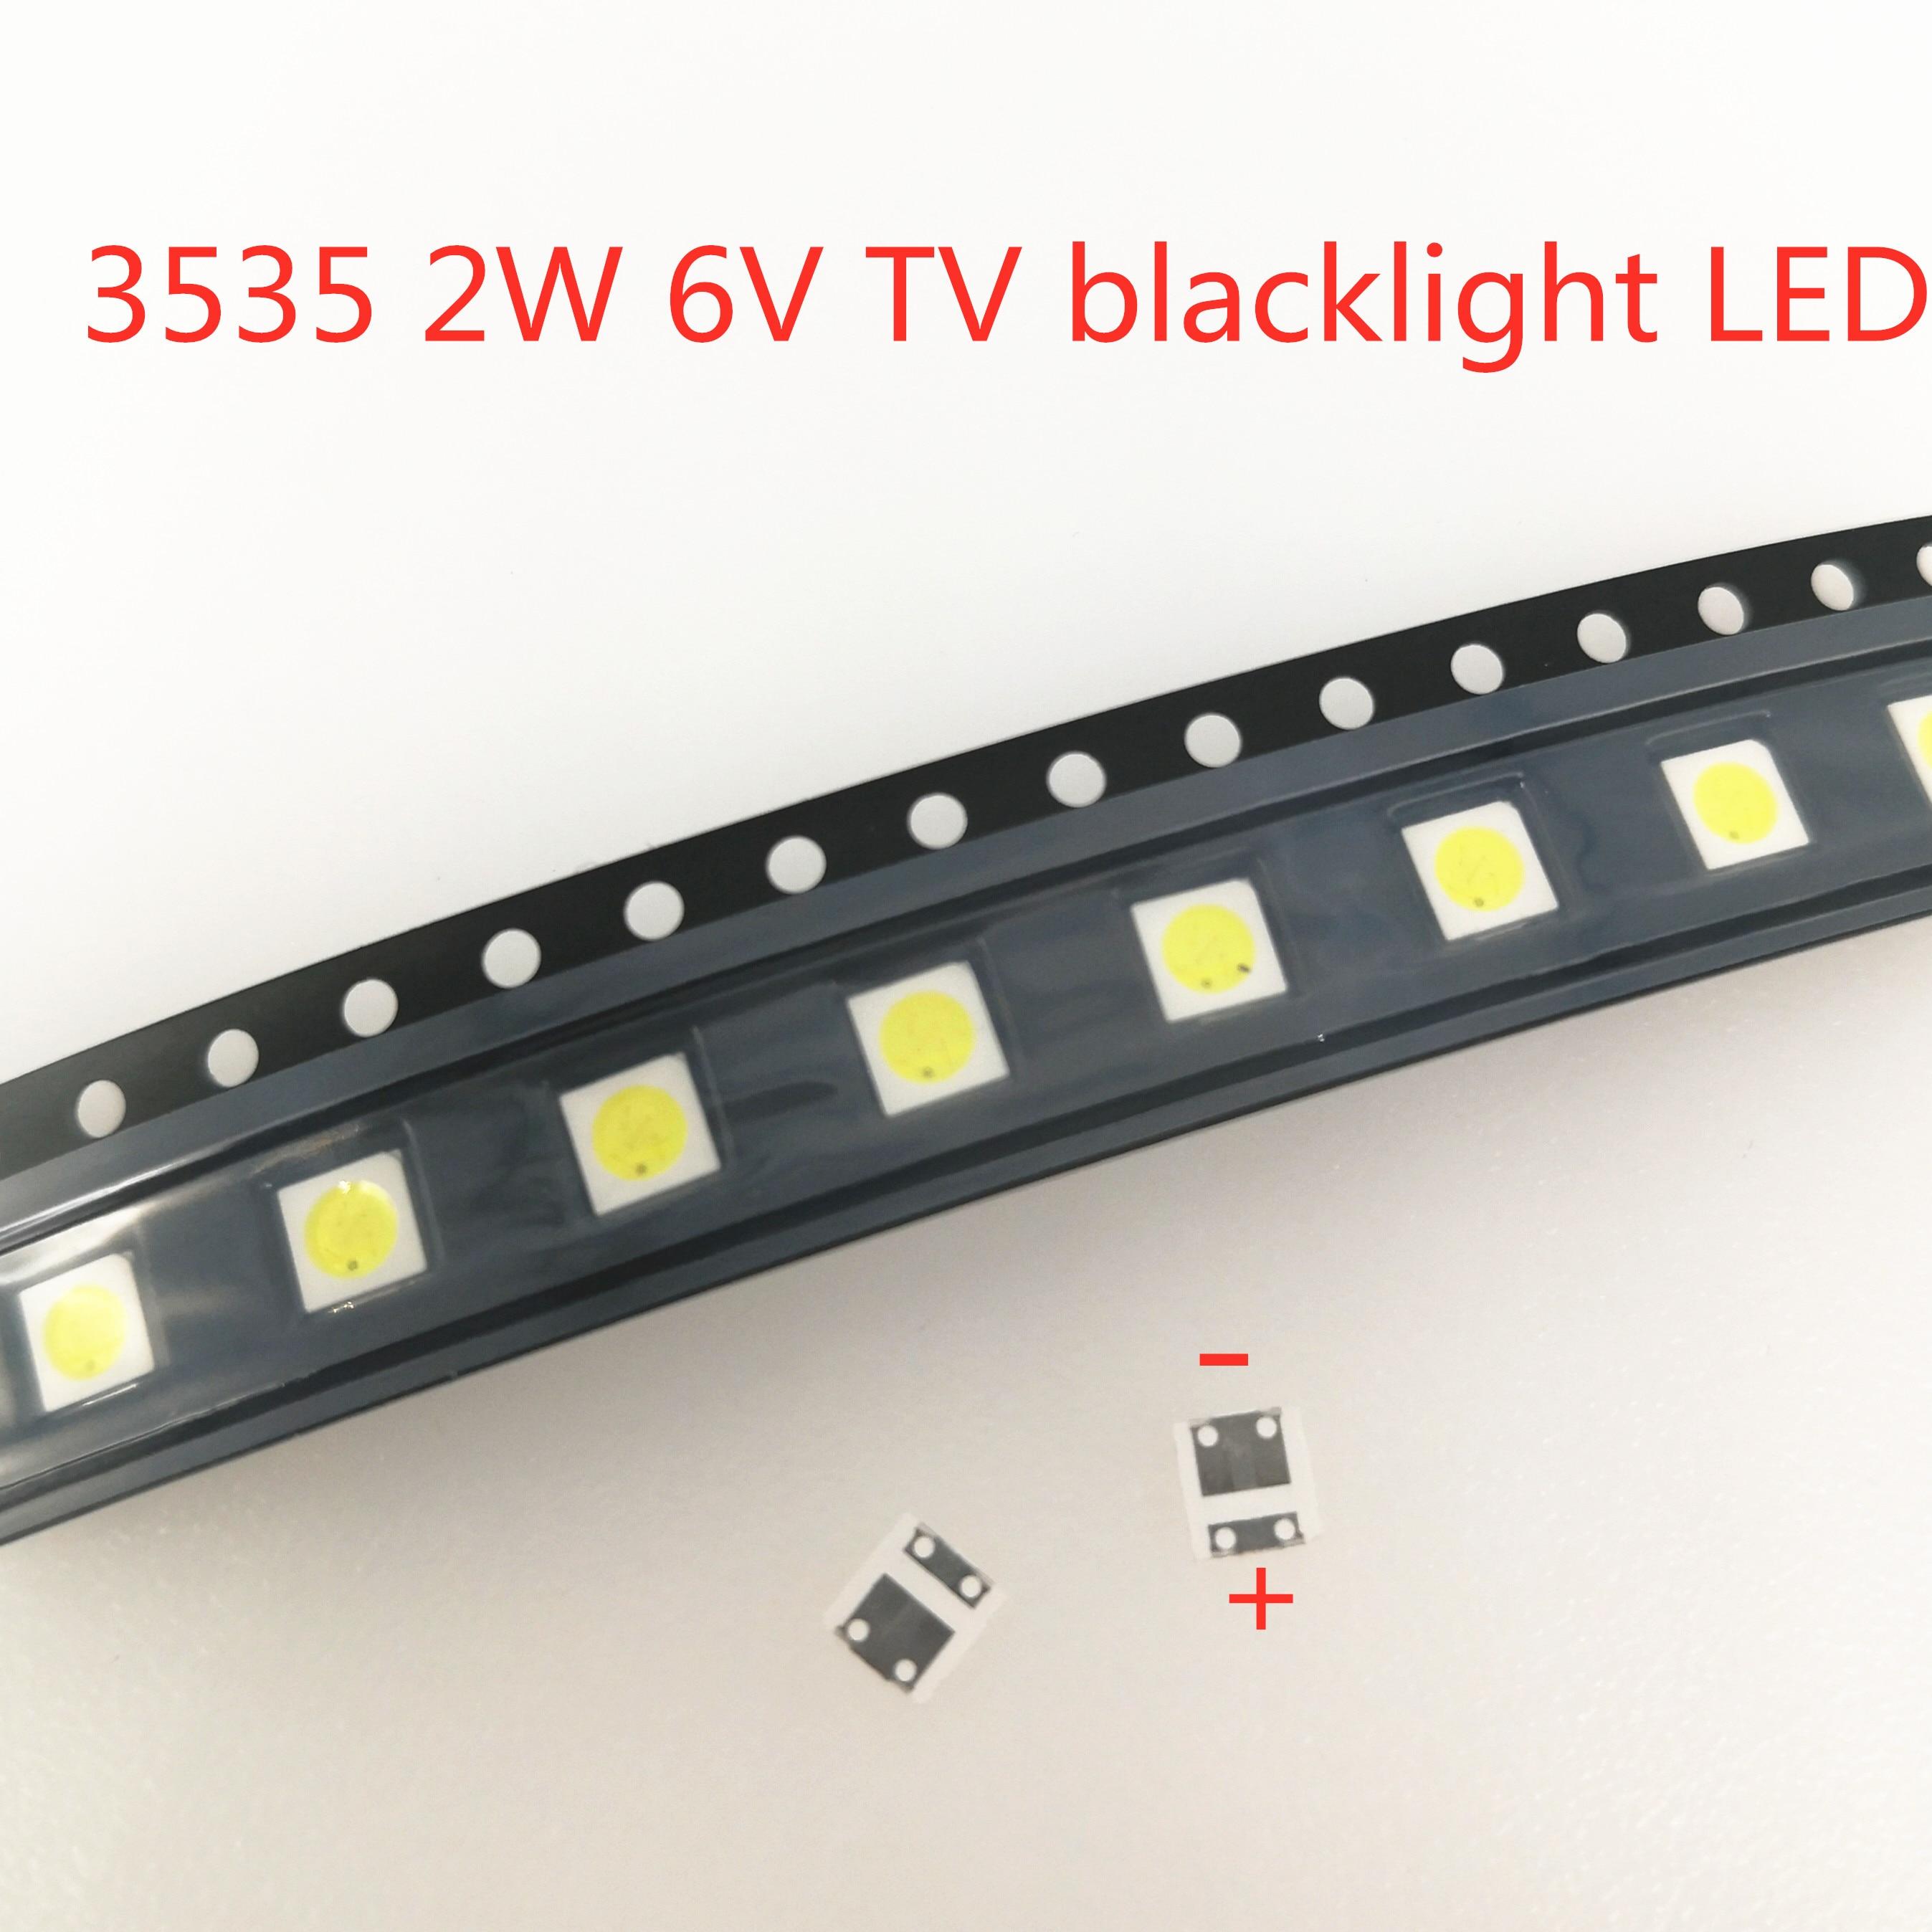 50-1000 ADET 2W 6V 3V 1W 3535 SMD LED Yerine LG Innotek LCD TV Arka ışık Boncuk TV arkaplan ışığı Diyot Tamir Uygulama